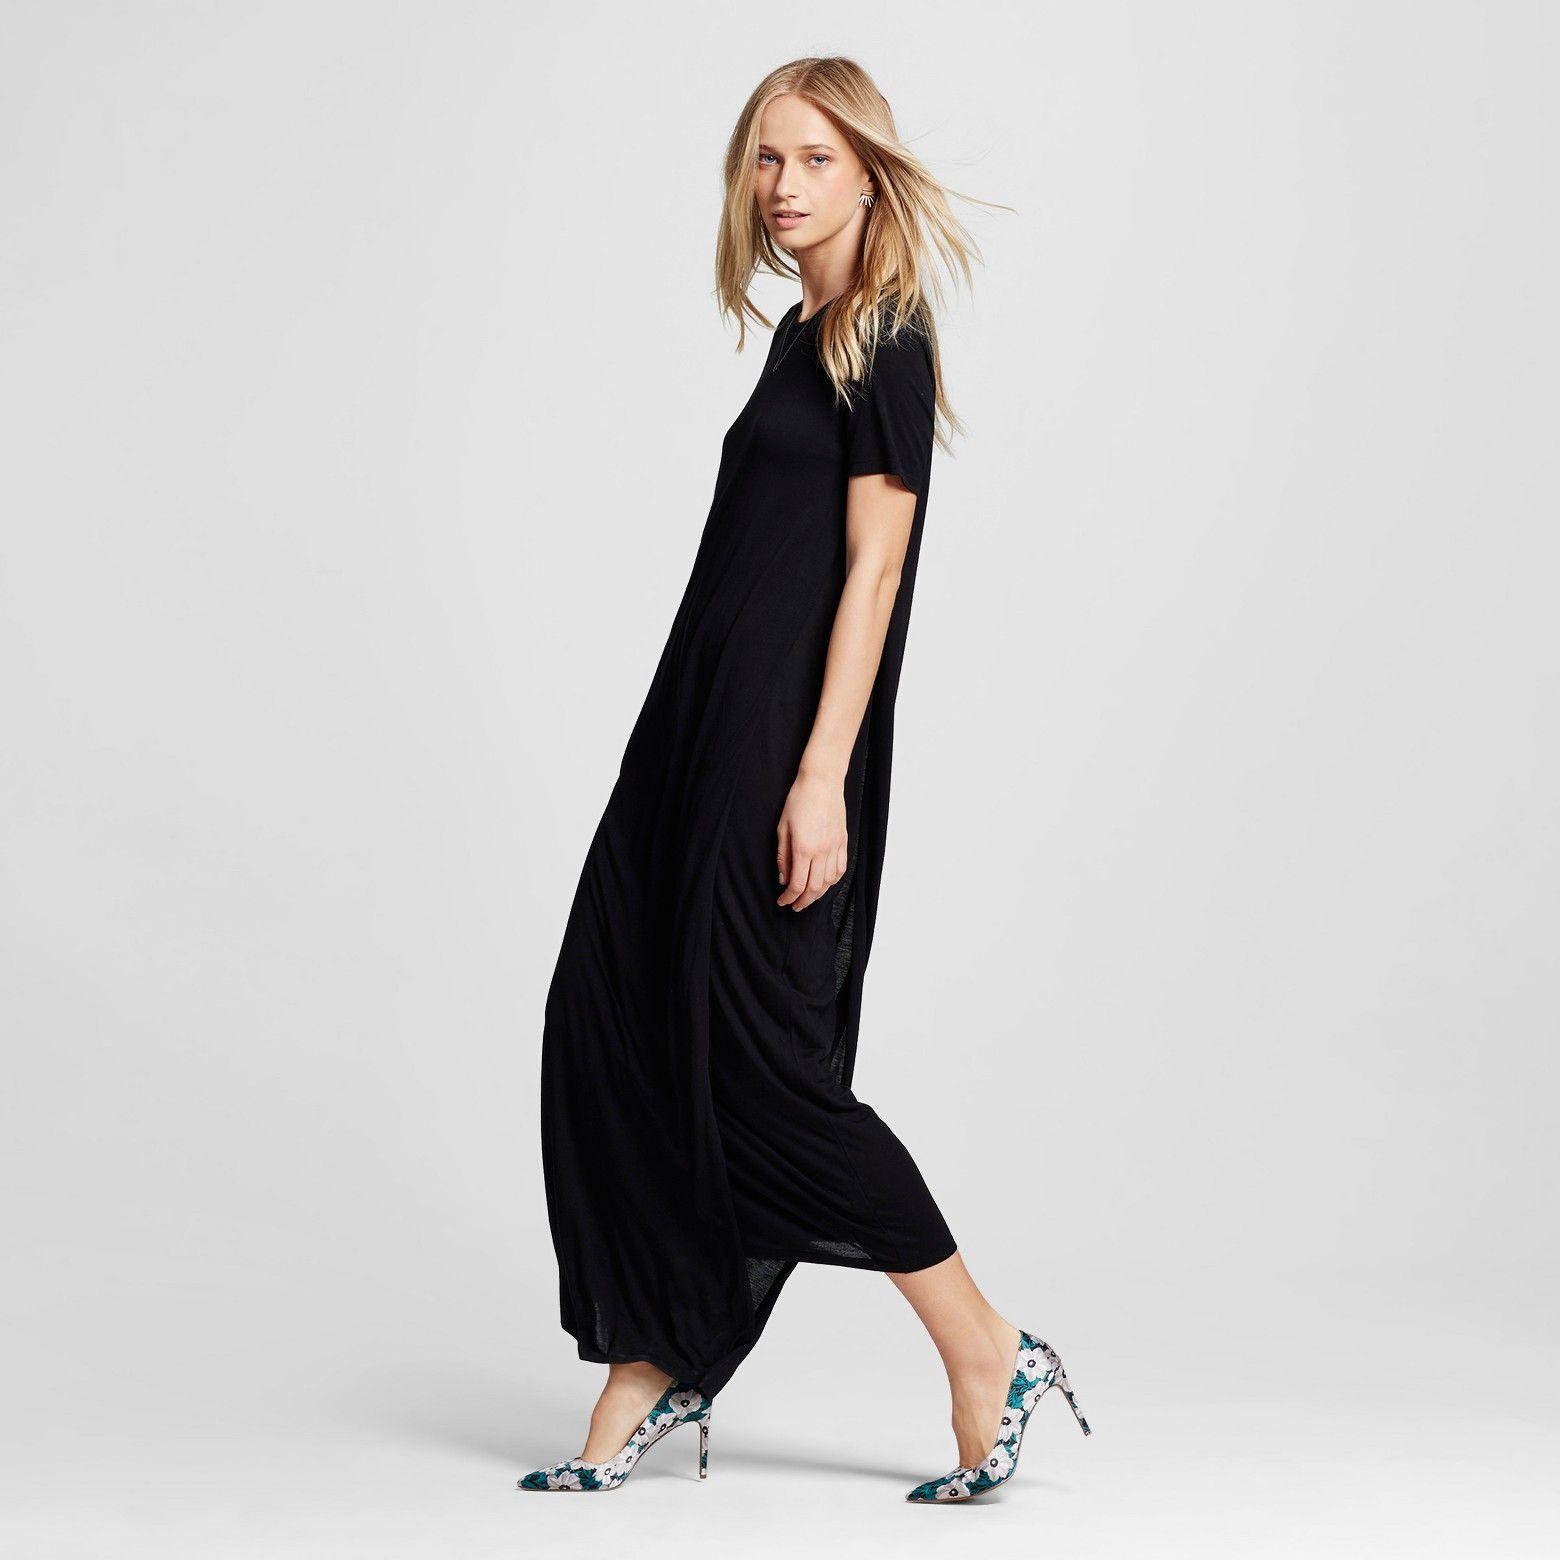 Tee Shirt Maxi Dress Target